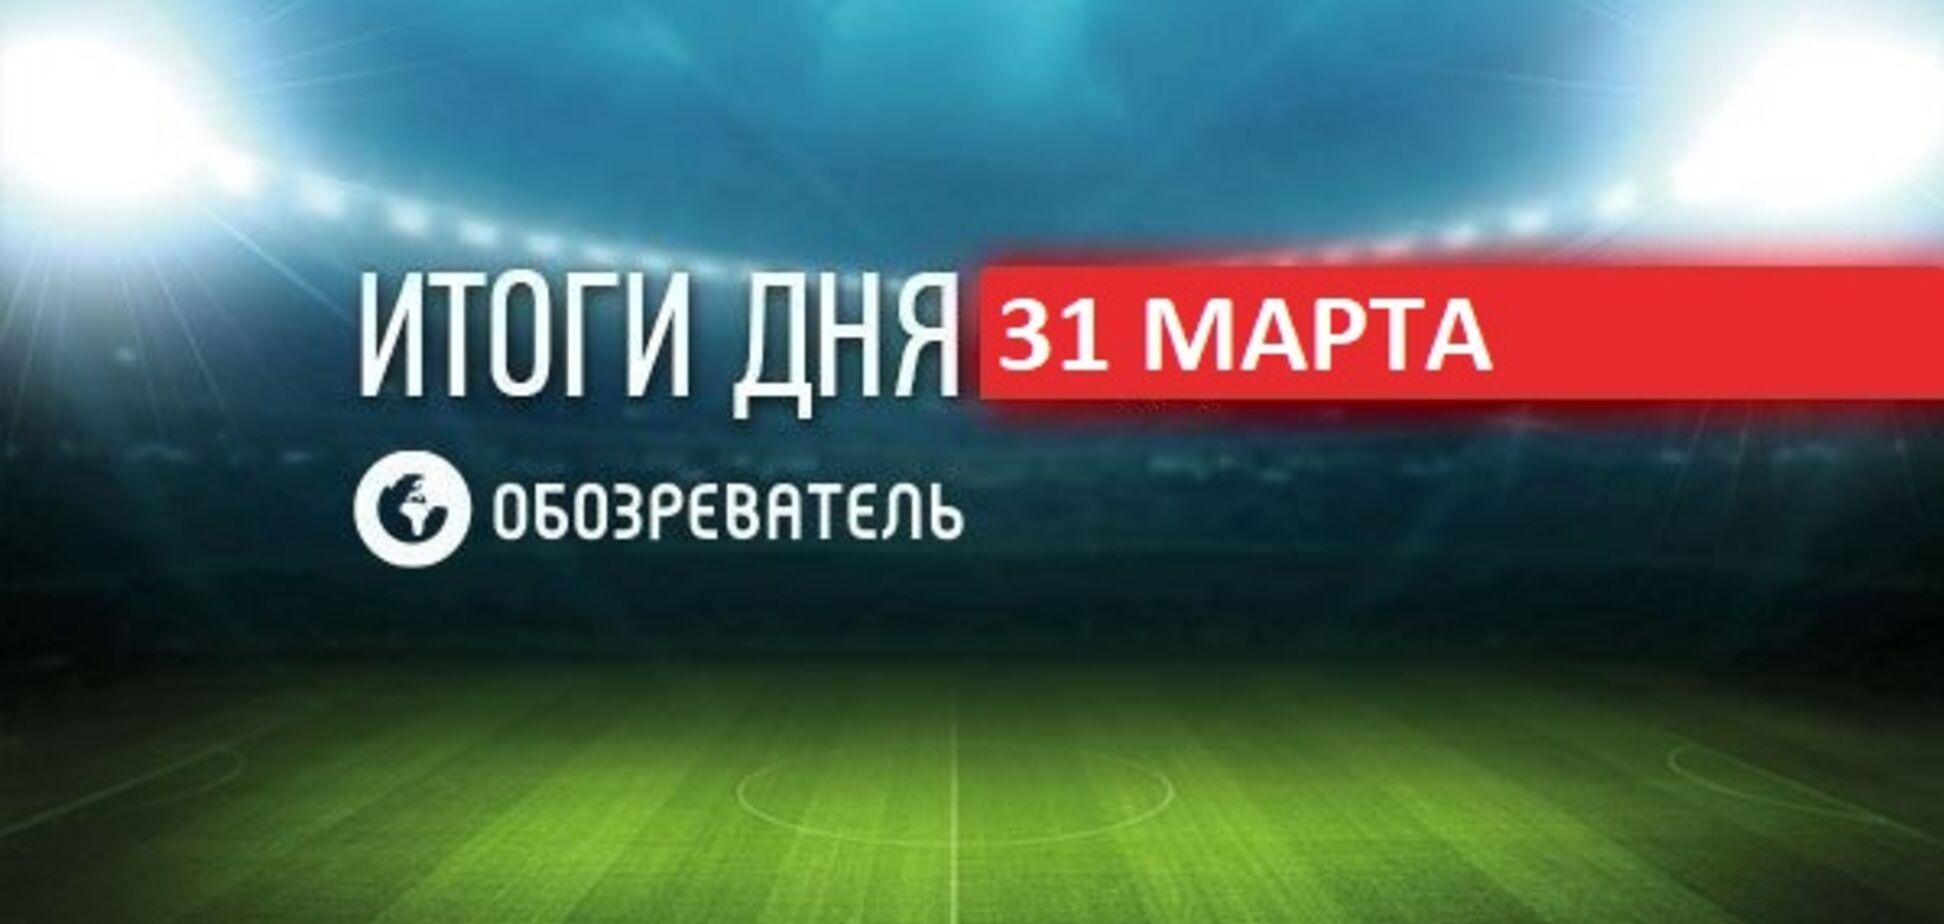 Усик разгневал украинцев, восхитившись Сталиным: итоги спорта 31 марта